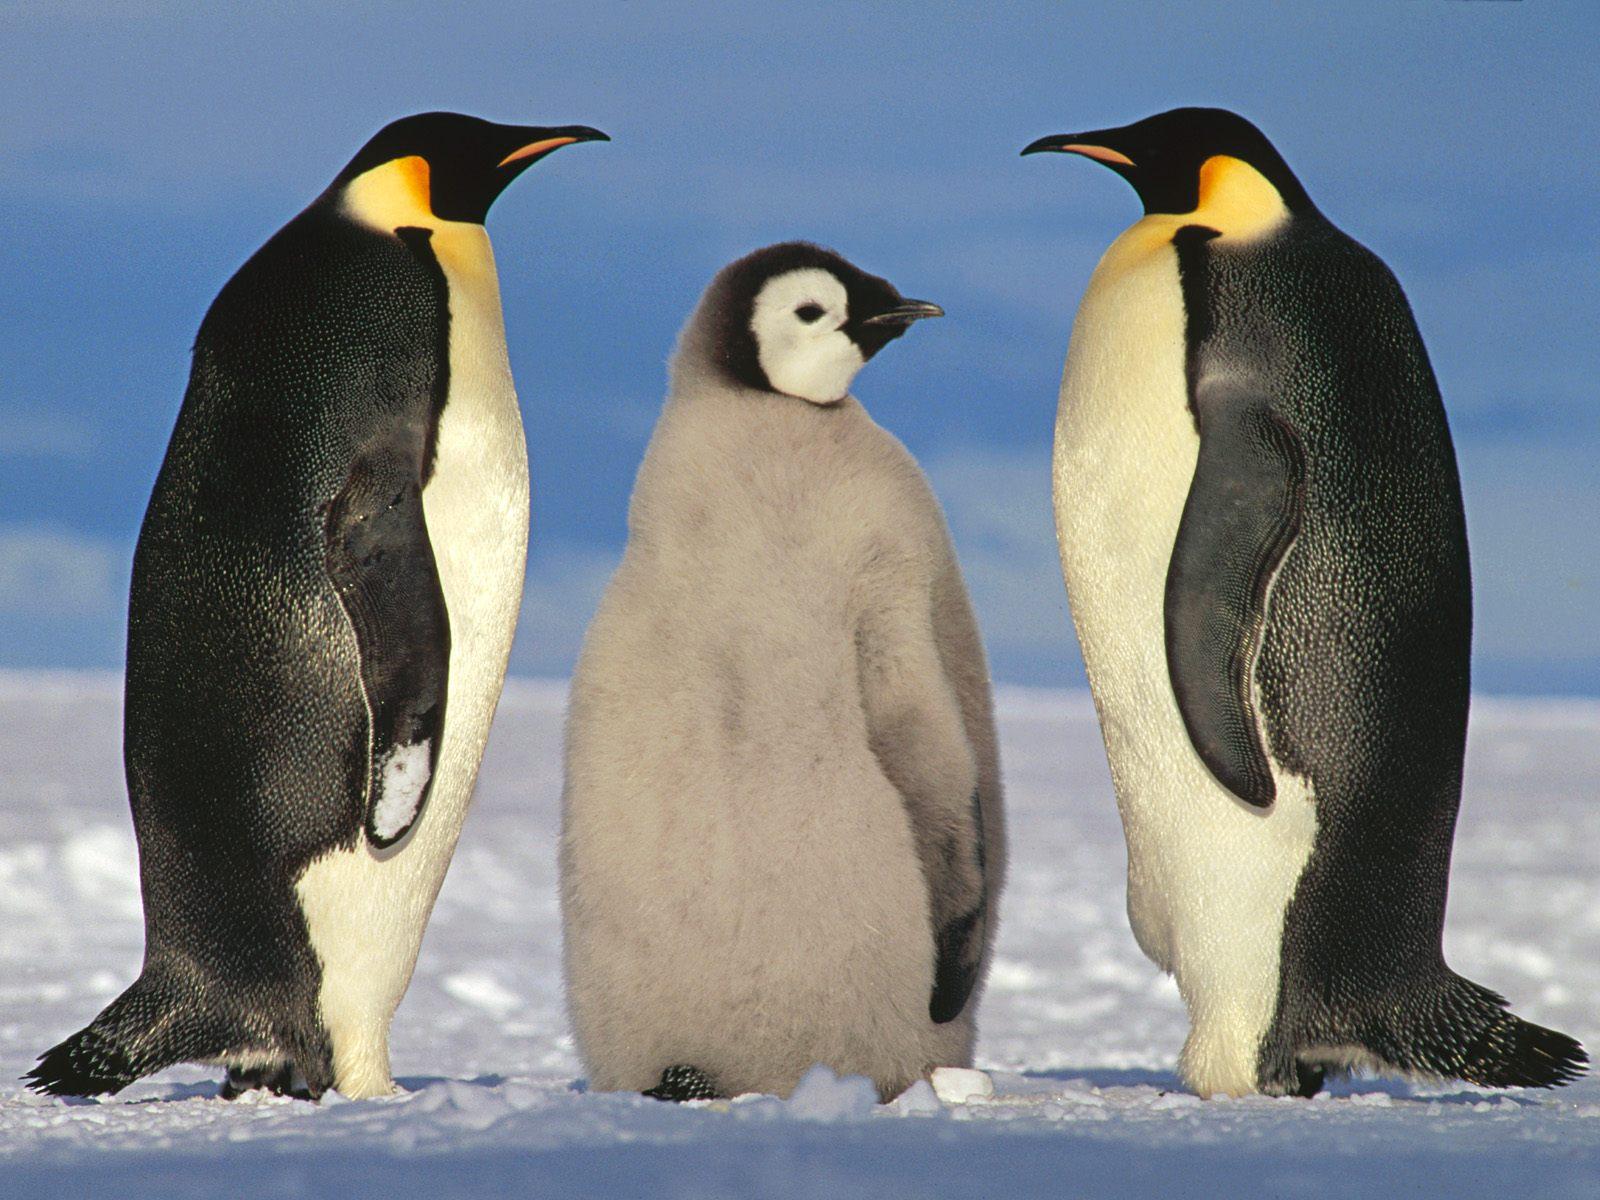 http://2.bp.blogspot.com/-BWjKmoSgH4c/TjmN12b9HyI/AAAAAAAAAOI/PWNLF06YVLM/s1600/Penguin+Wallpapers+3.jpg